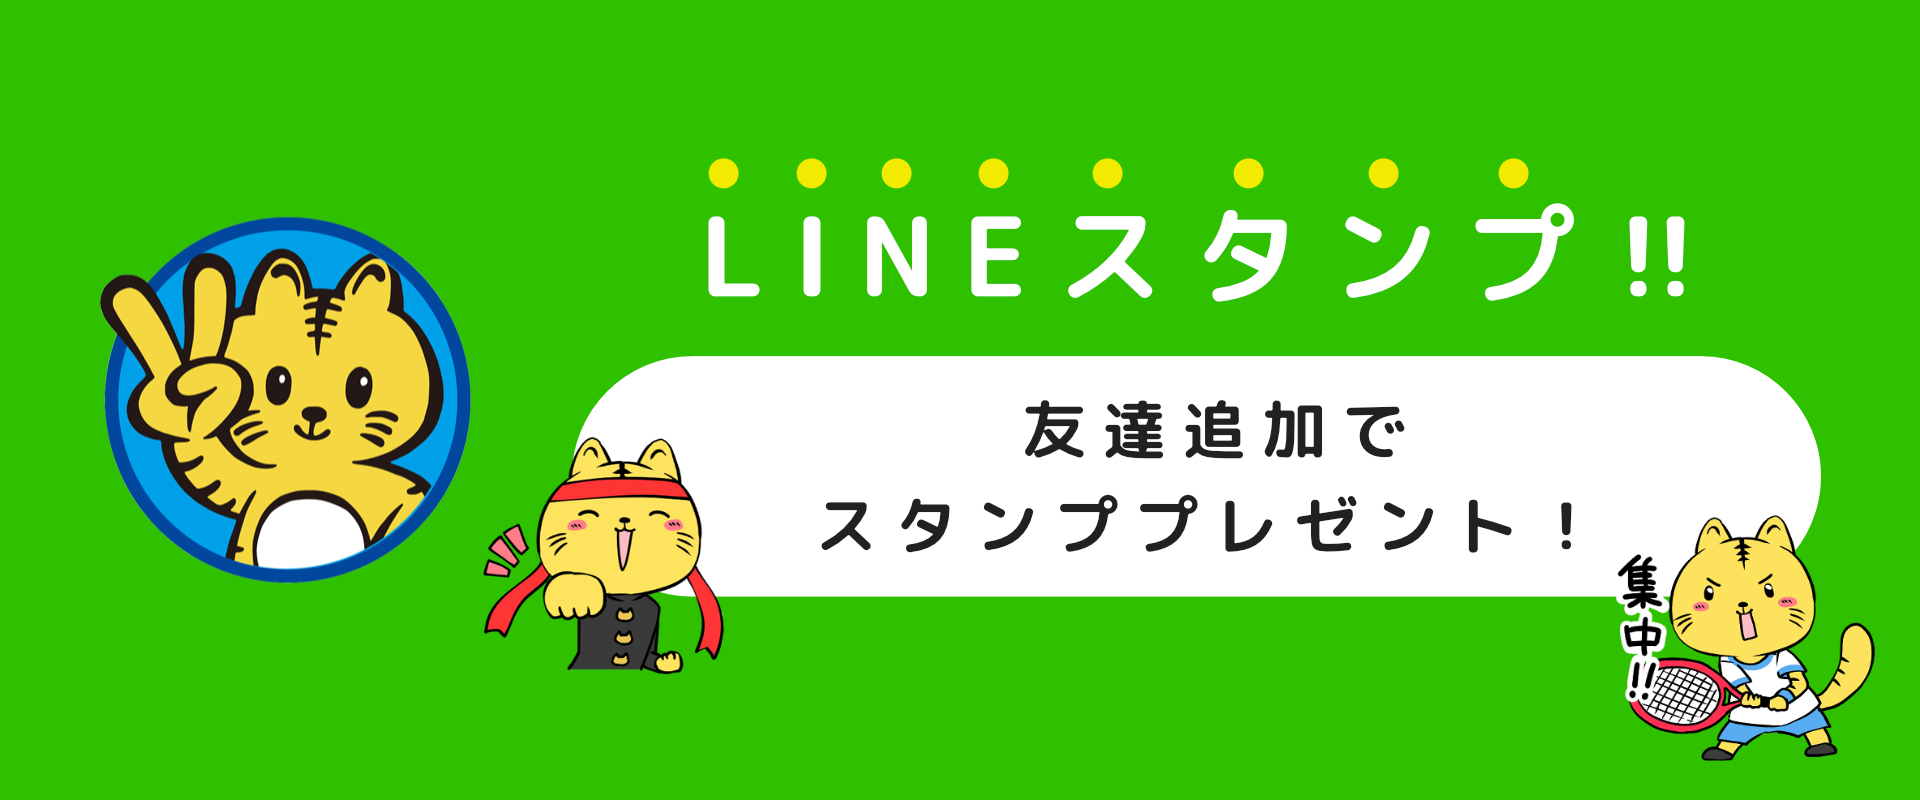 LINEスタンププレゼント